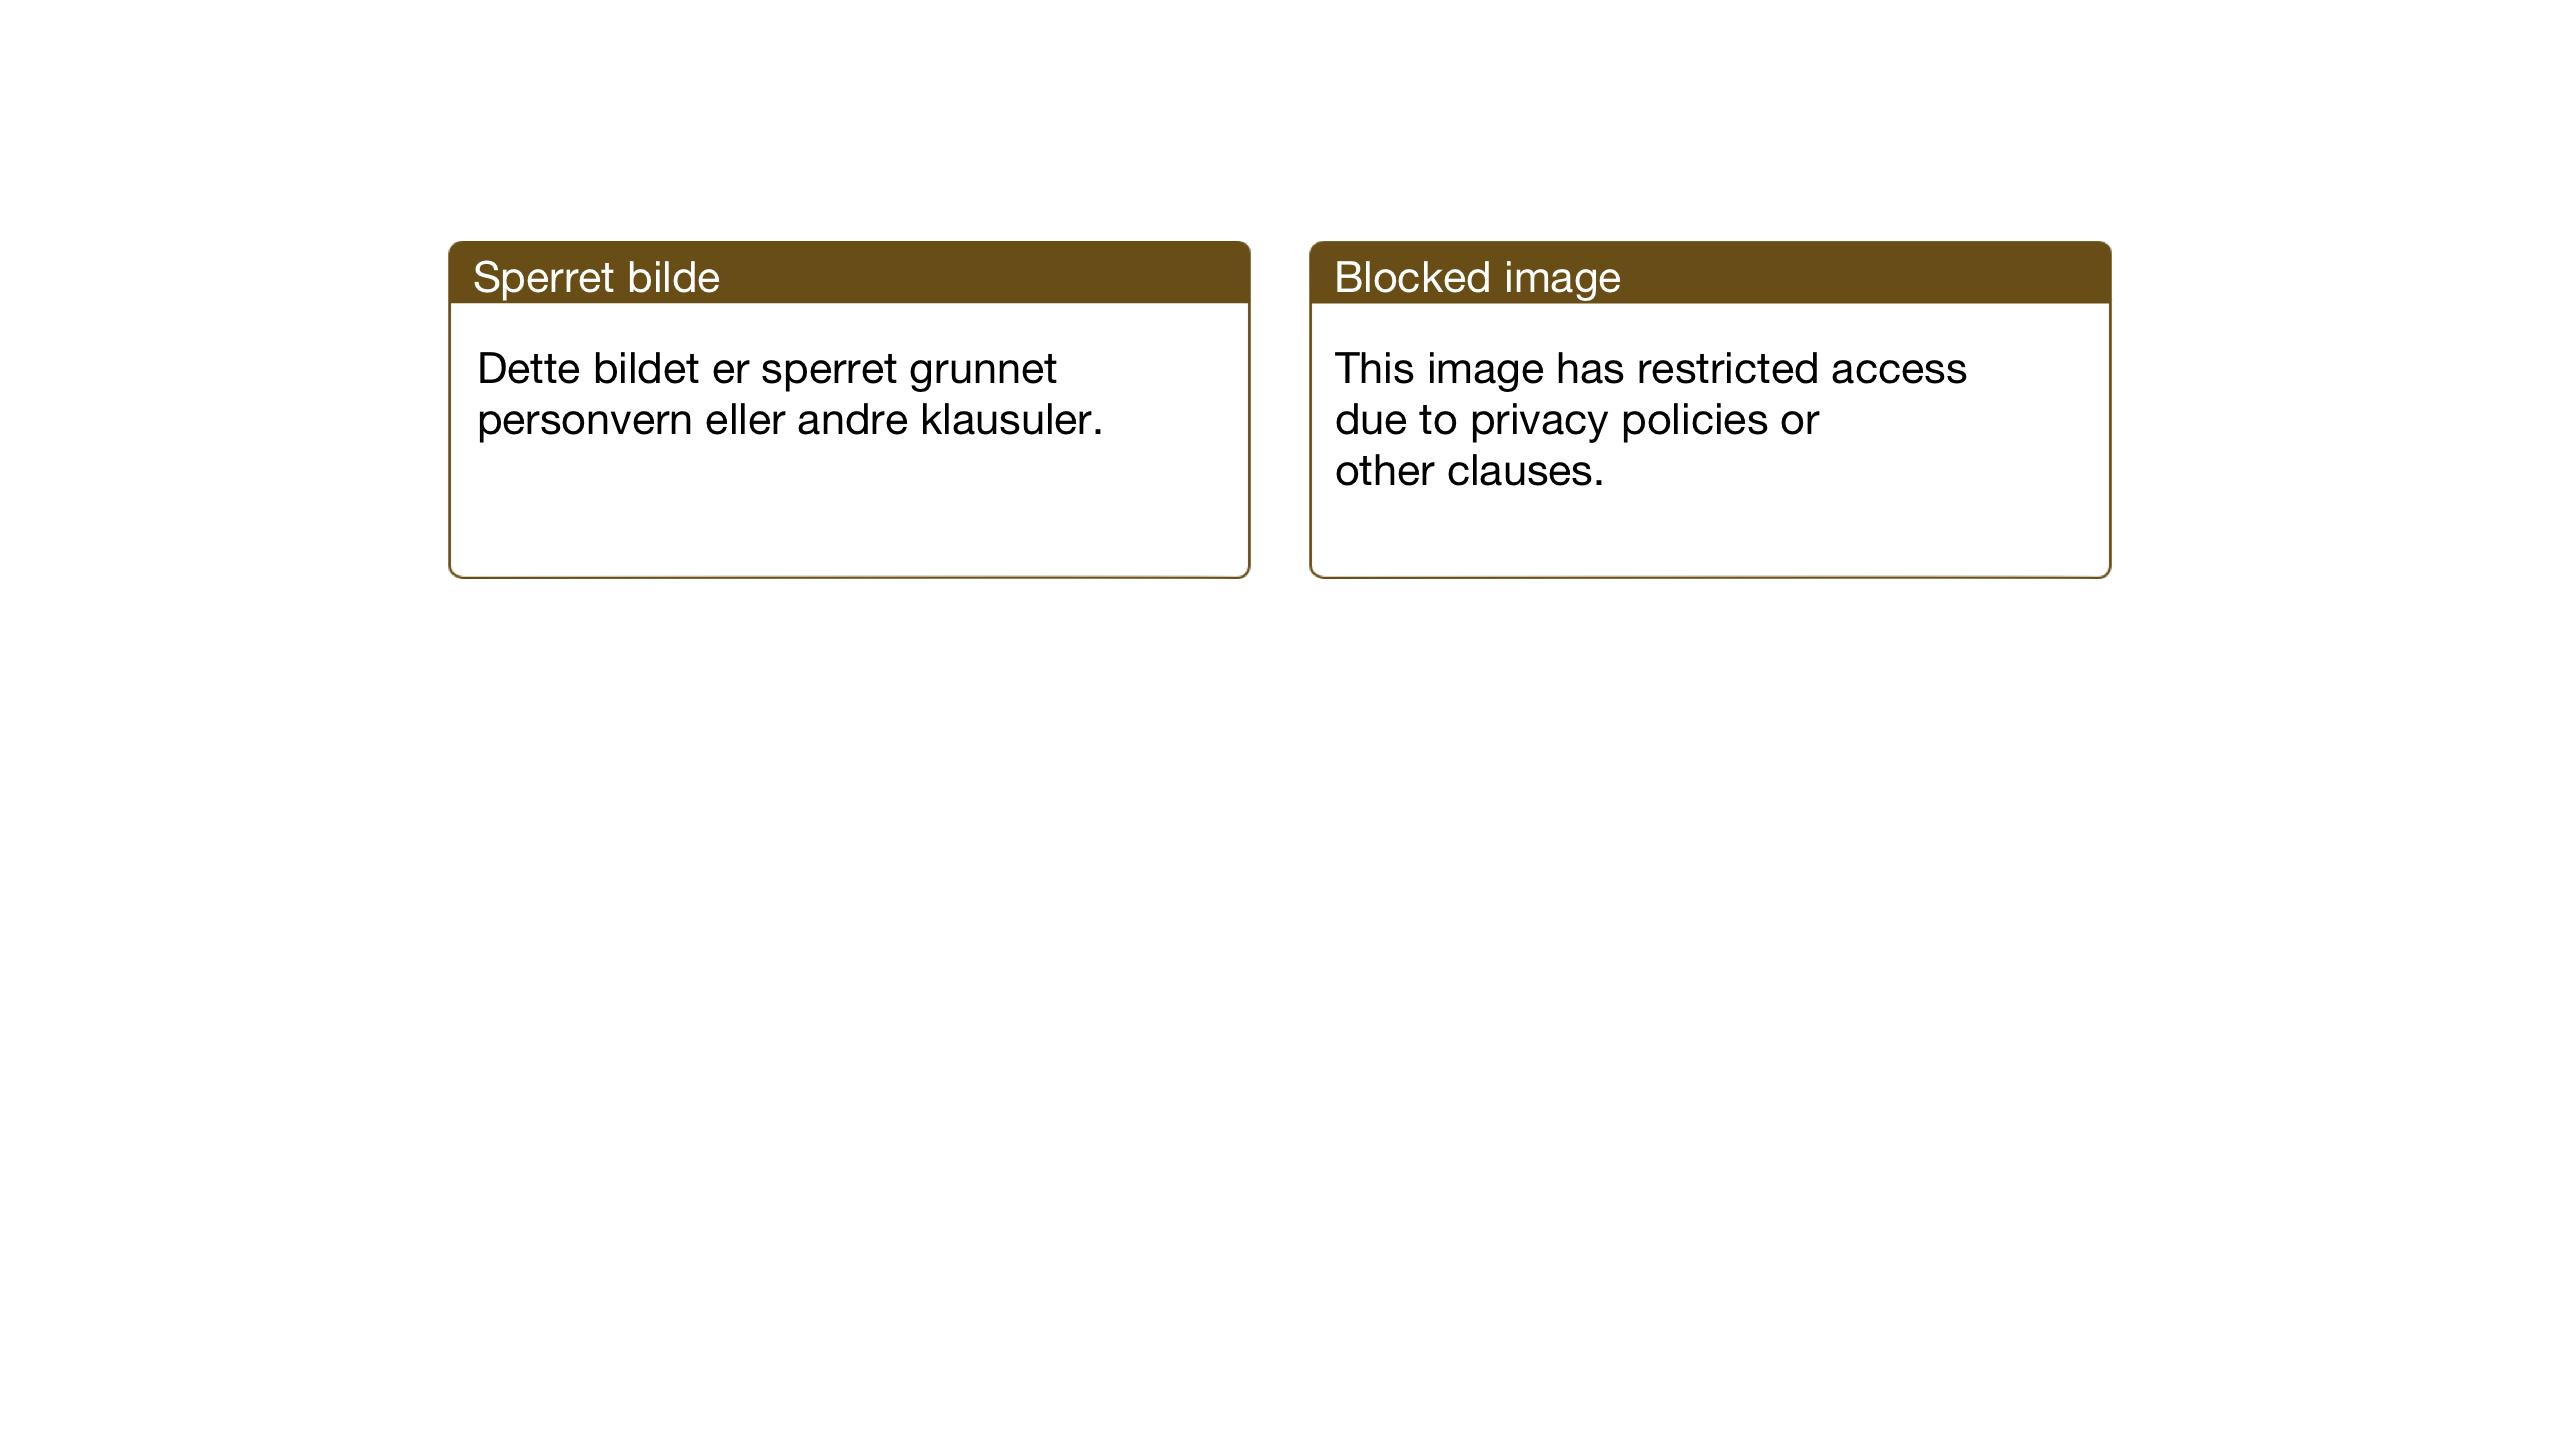 RA, Statspolitiet - Hovedkontoret / Osloavdelingen, G/Ga/L0016: Diverse angående jødeaksjonene (Beslagleggelse av formuer, forespørsler om løslatelse, flyktede jøder m.m.), 1942-1943, s. 3